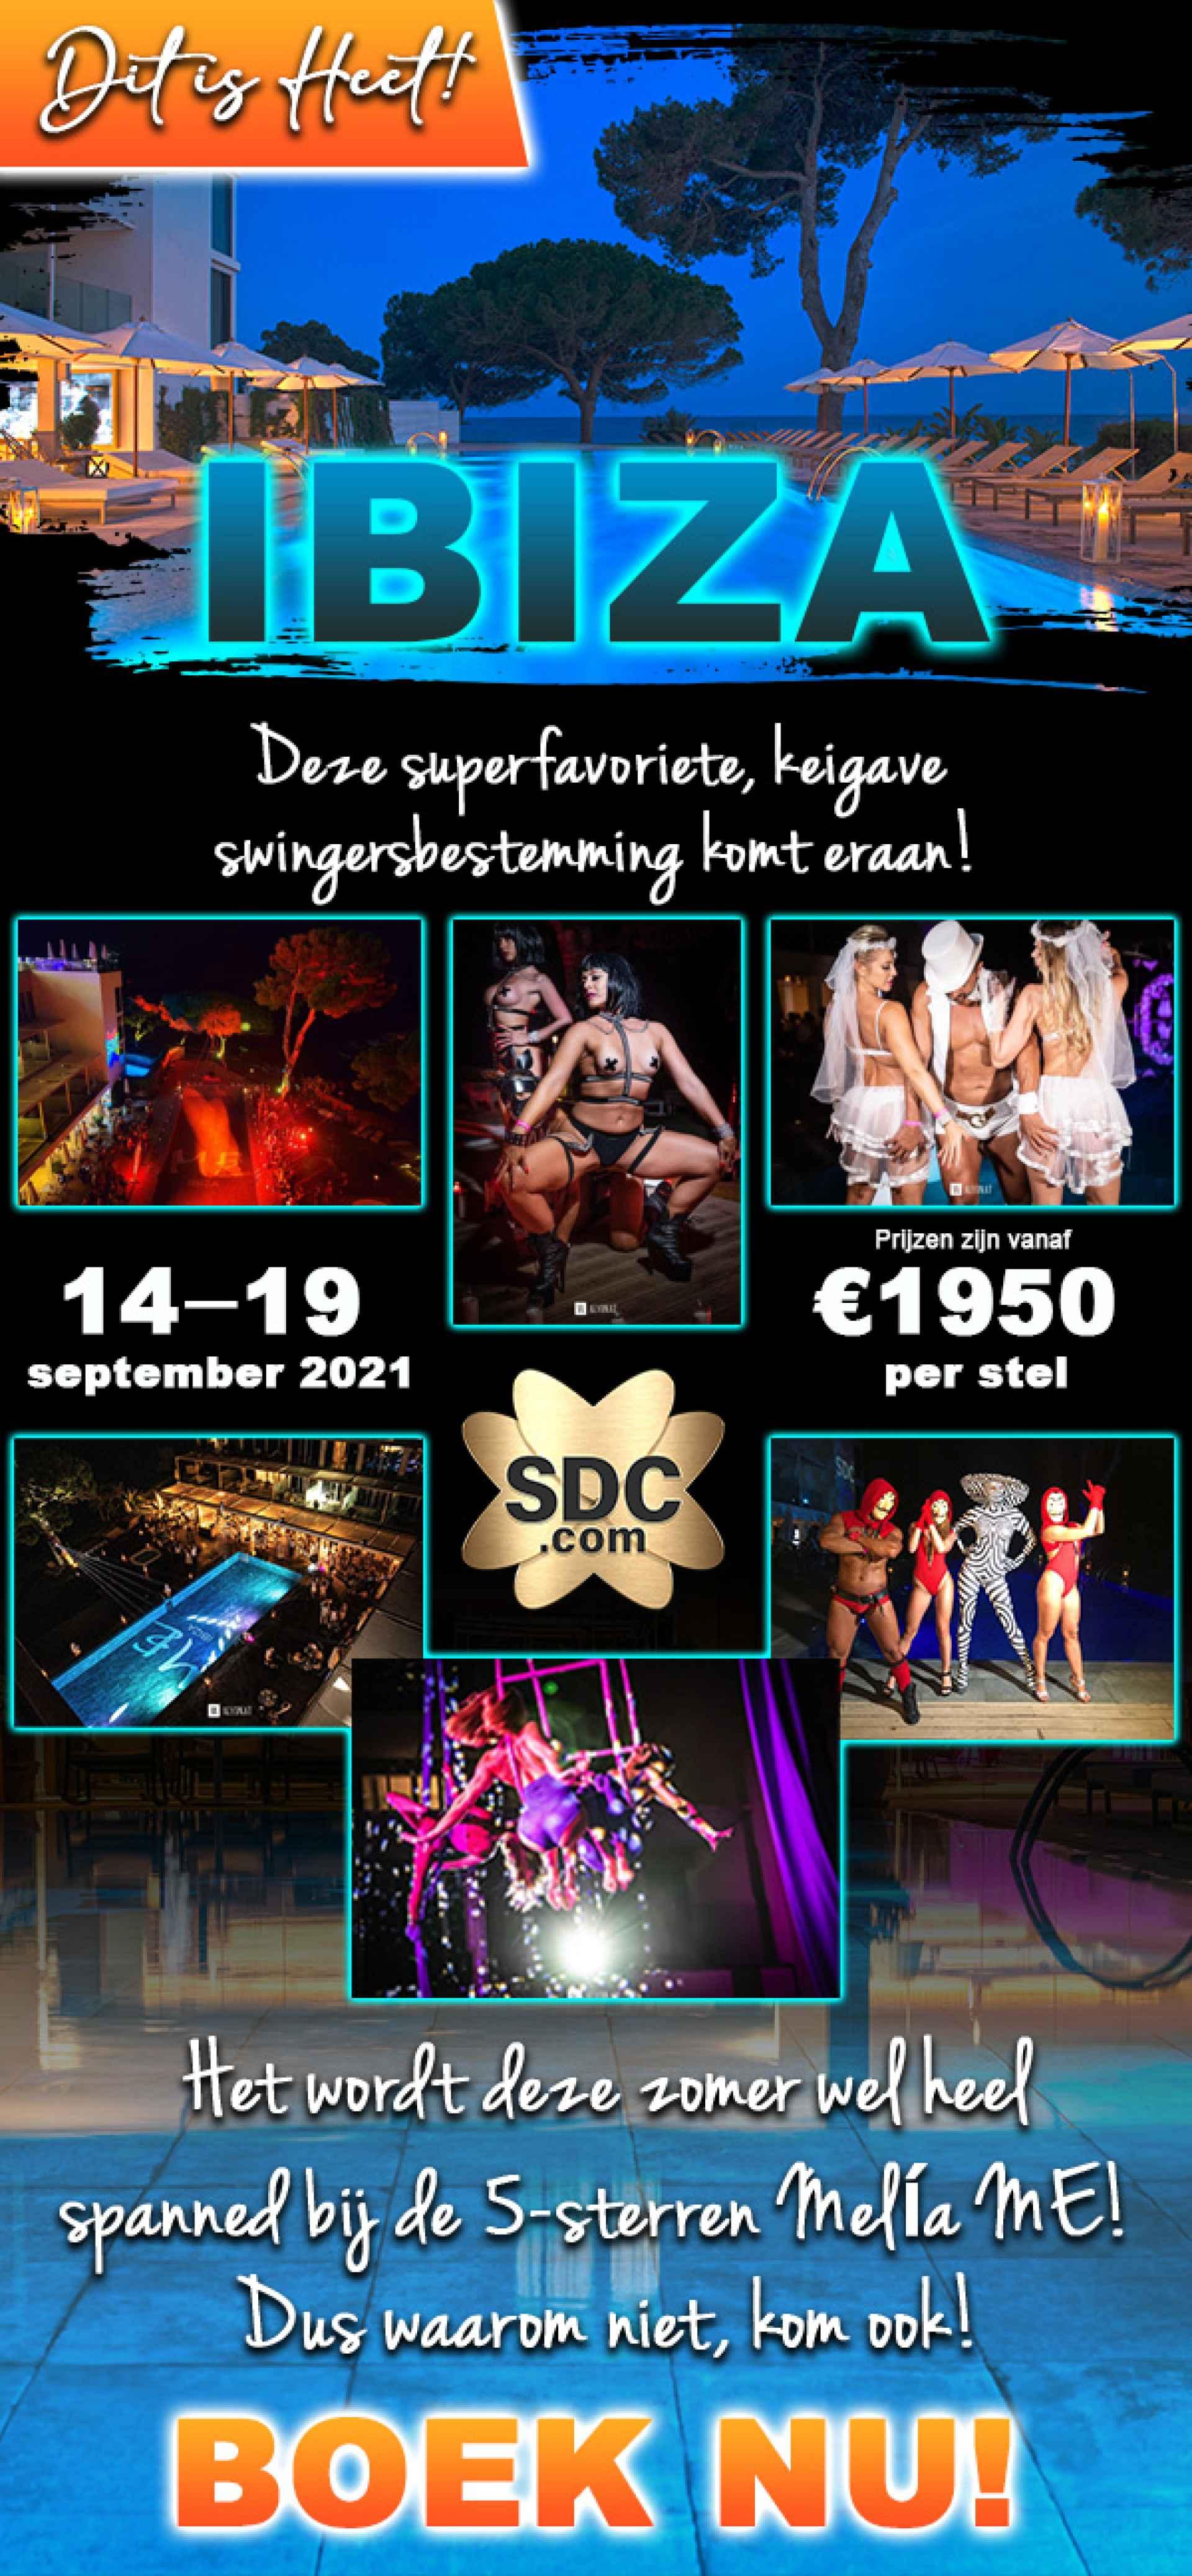 Boek nu uw luxe ontsnapping naar Ibiza, Spanje!